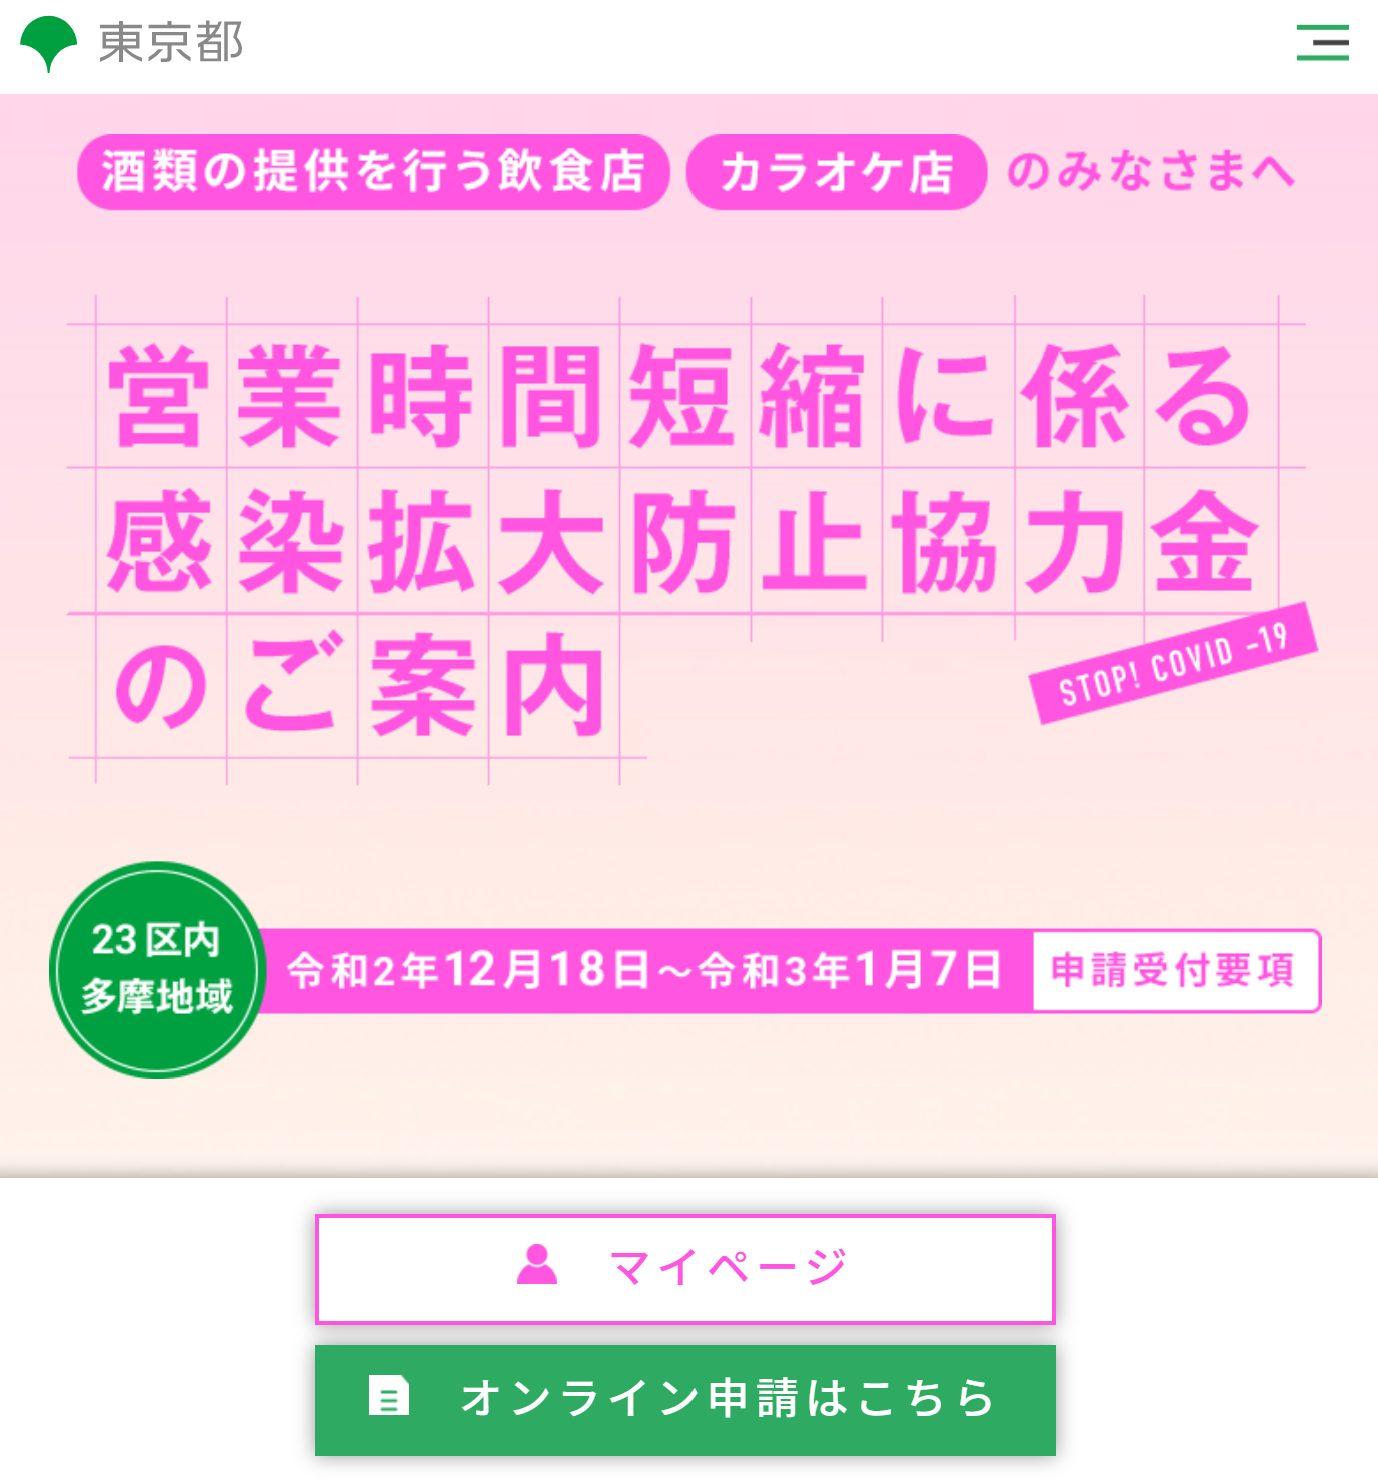 東京 都 協力 金 飲食 店